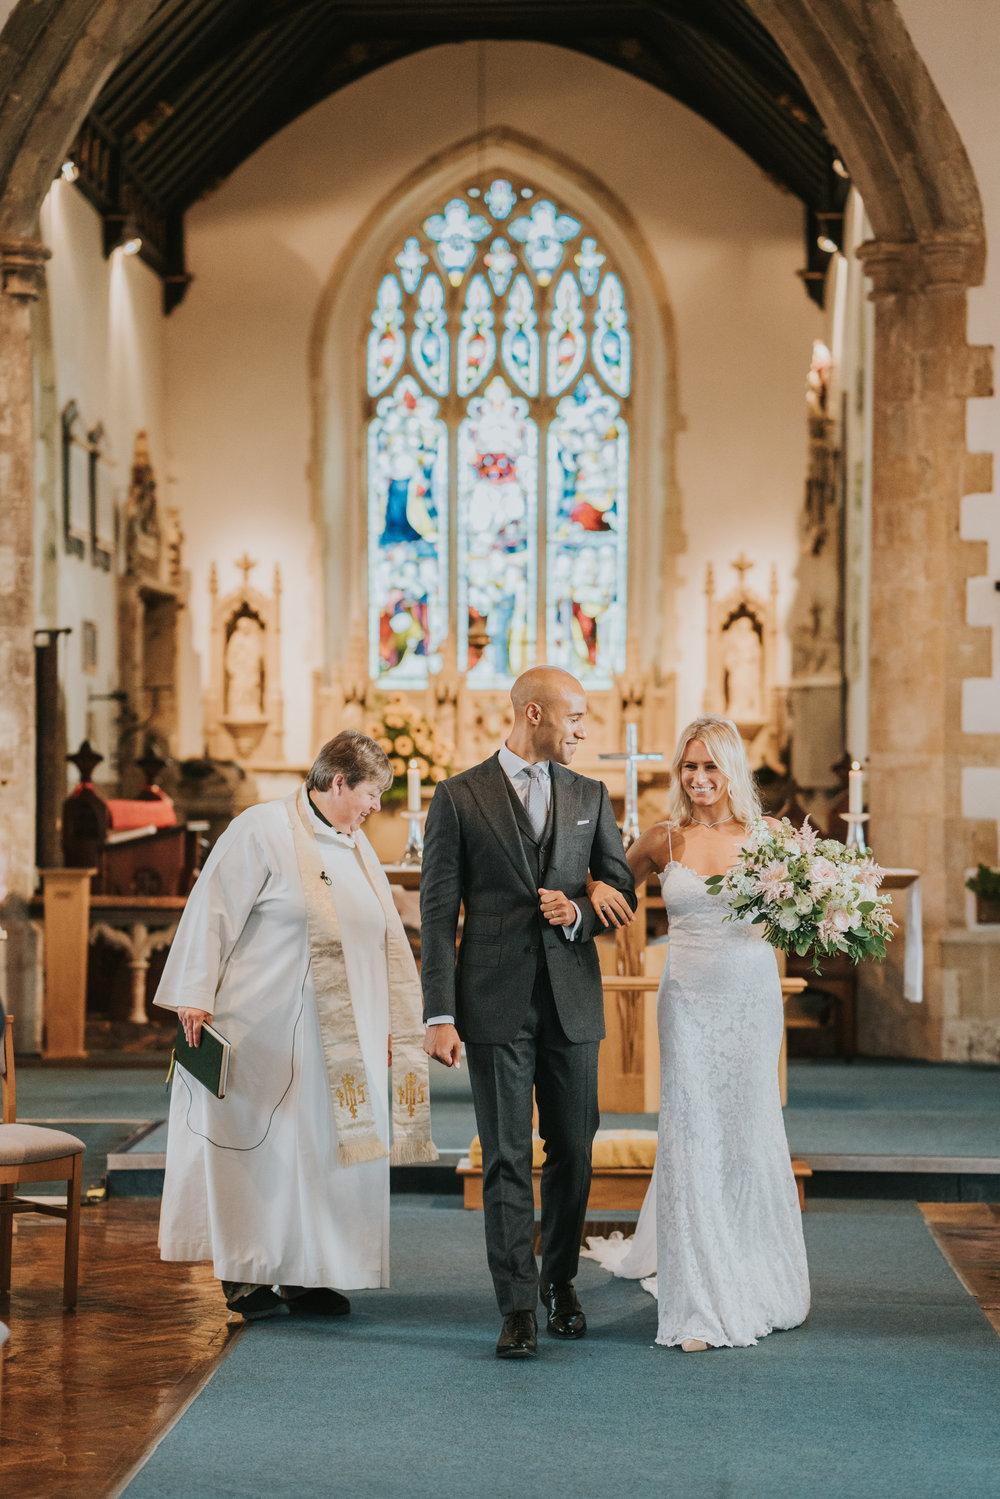 intimate-english-church-wedding-sarah-alex-colchester-essex-grace-elizabeth-colchester-essex-alternative-wedding-lifestyle-photographer-essex-suffolk-norfolk-devon (60 of 92).jpg